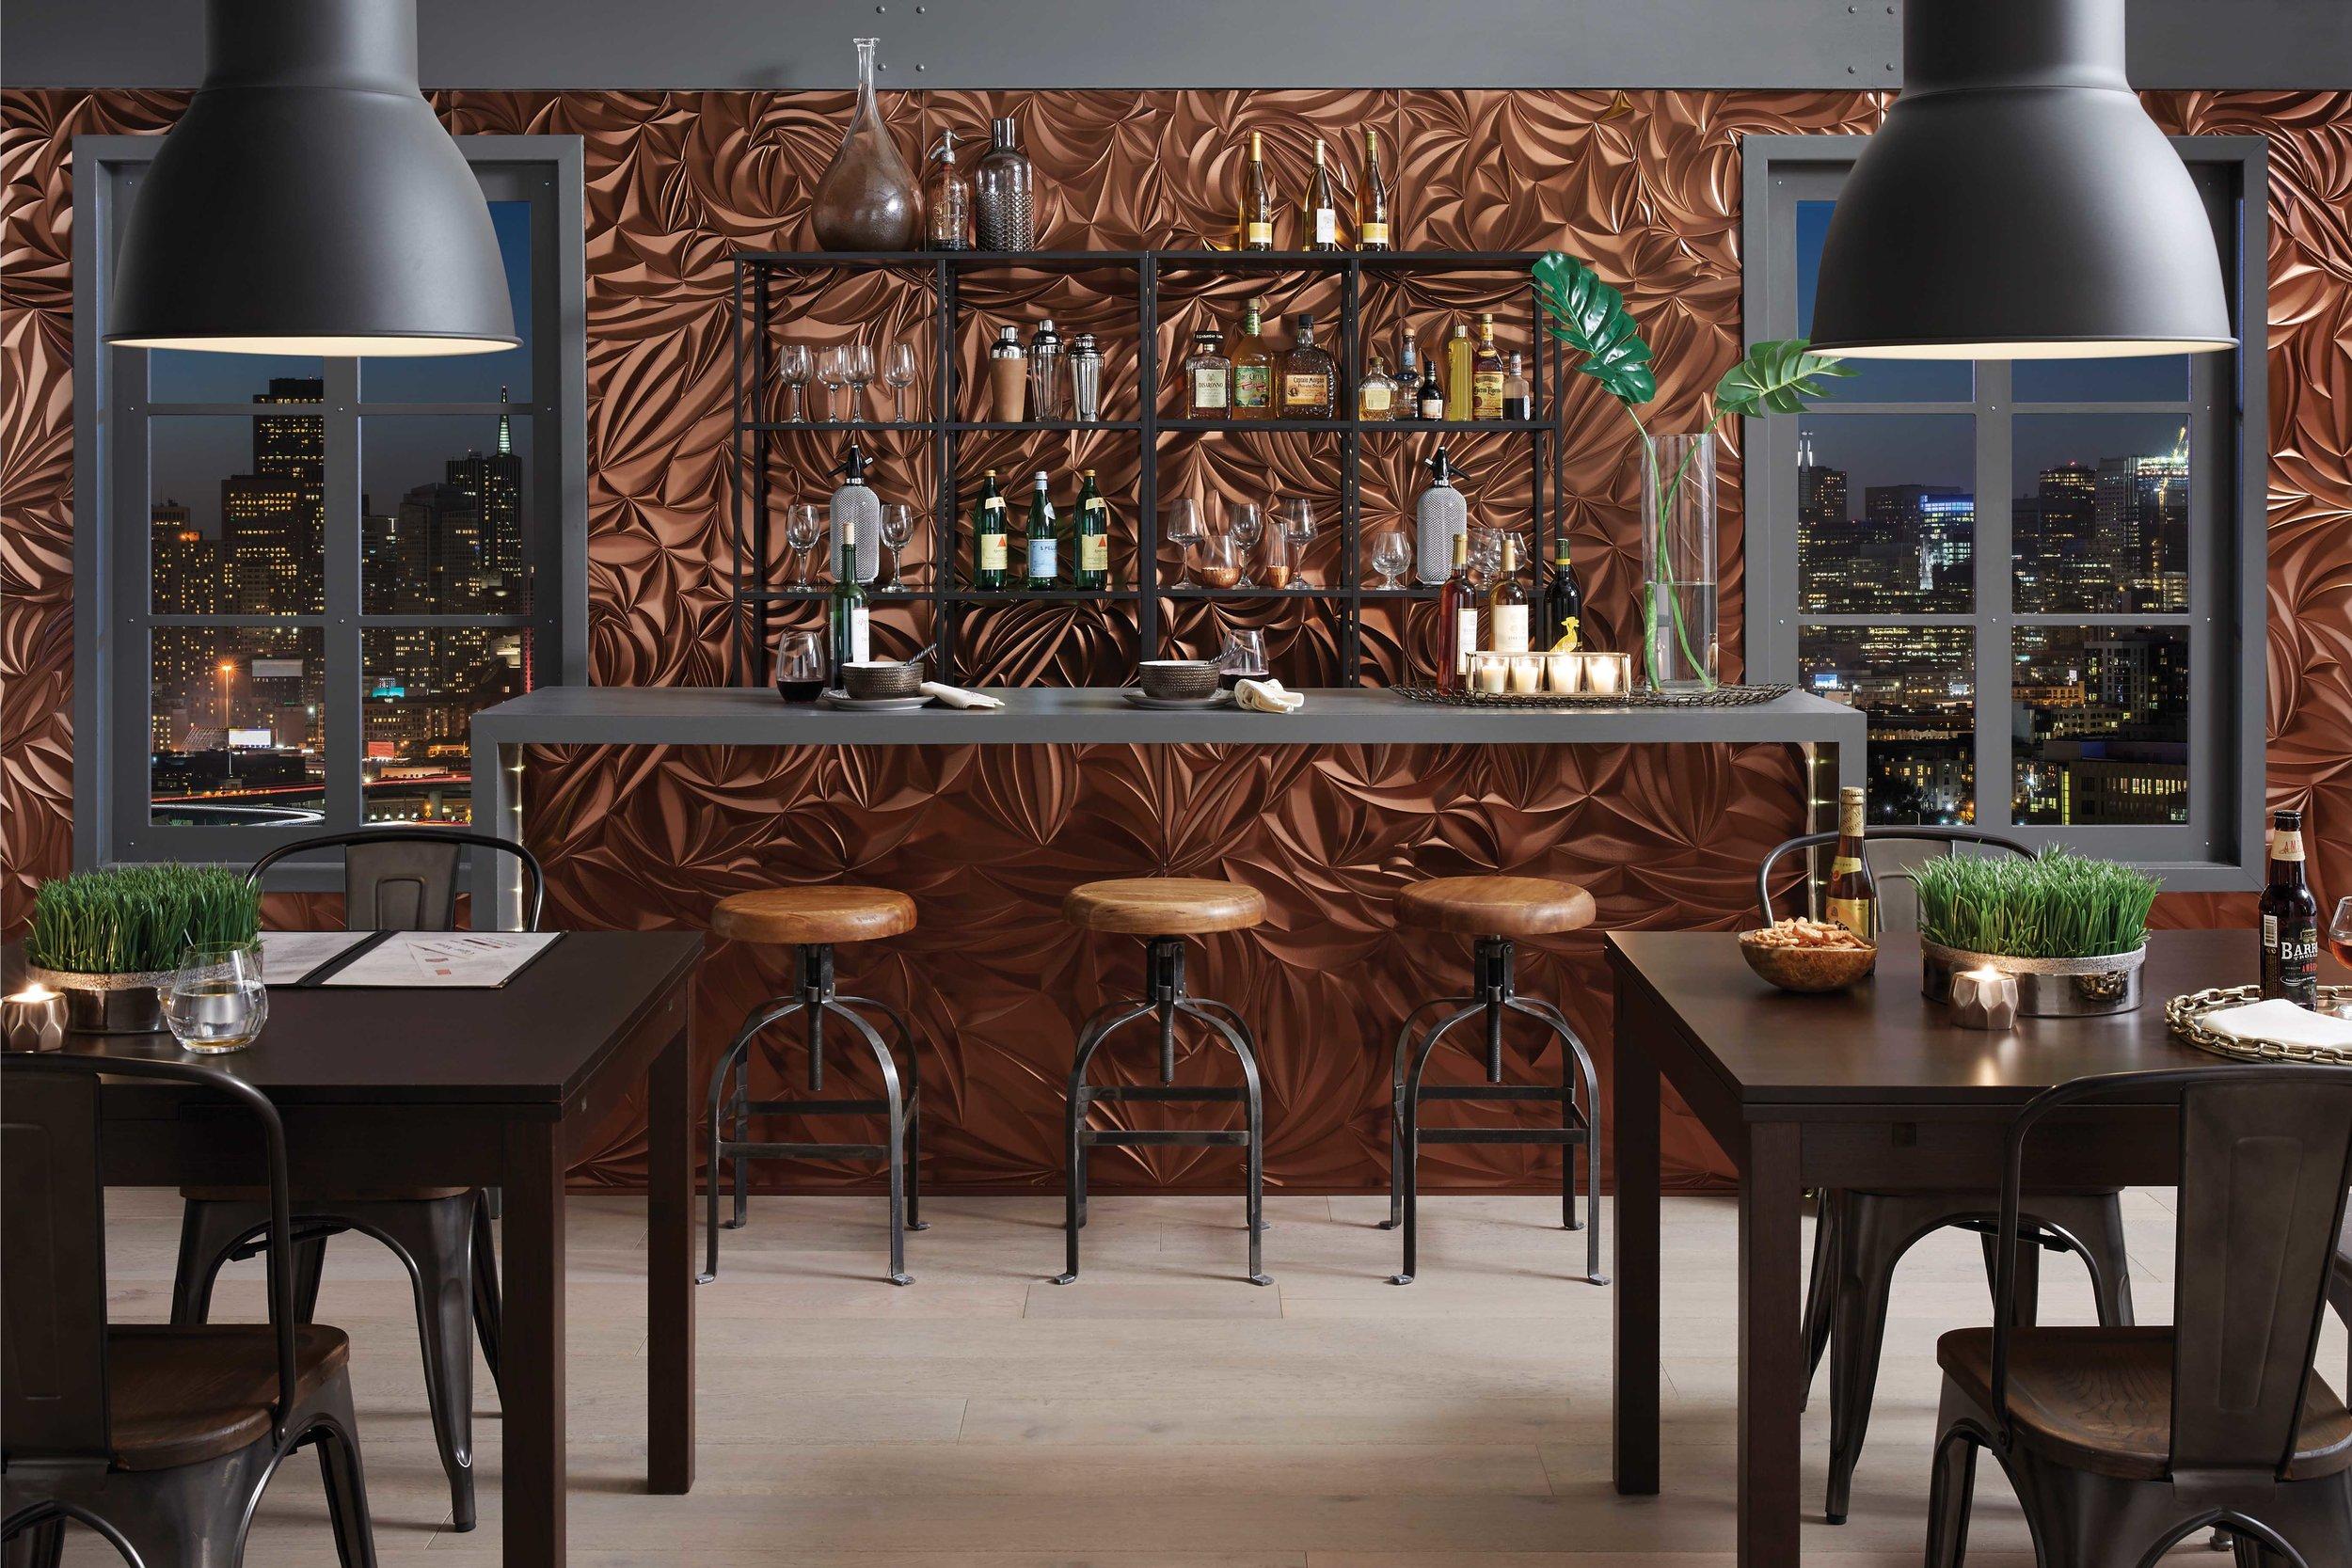 MF Walls_Sculpted Petals Oil Rubbed Bronze_Restaurant Bar 1.jpg